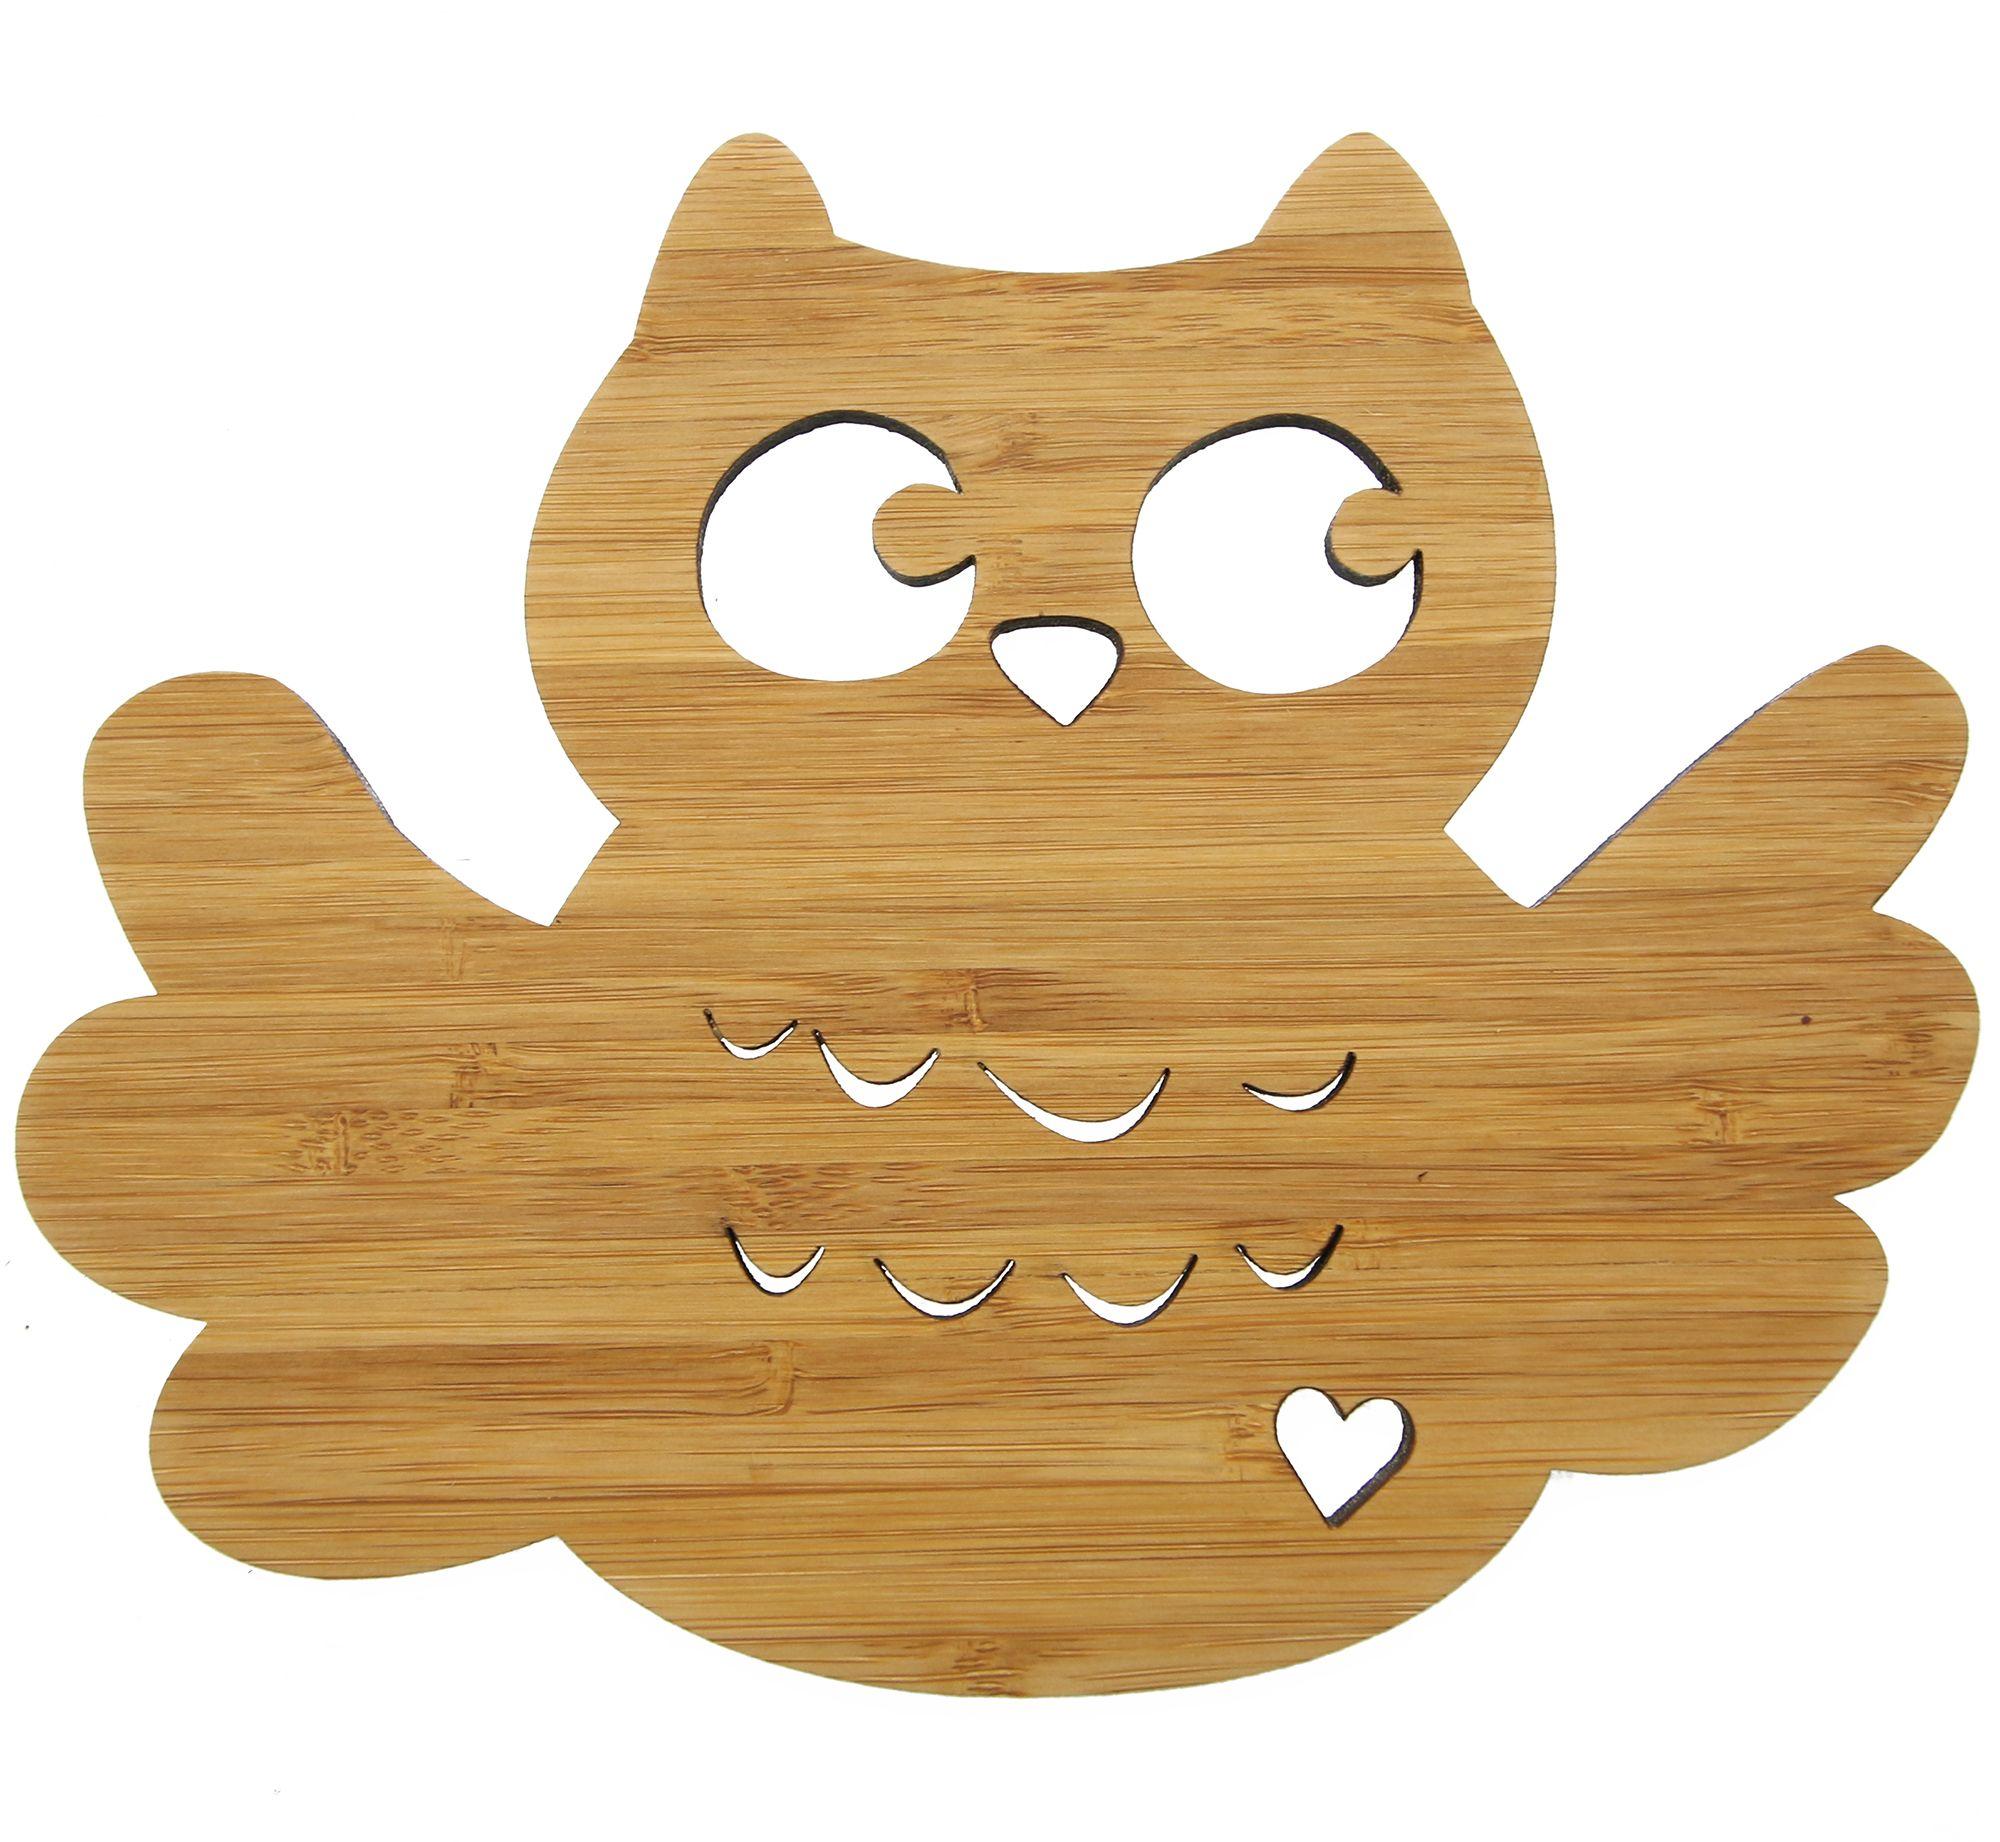 Fabulous Wanddeko Eule Breitfl gel aus Bambus Coffee Das Original von Mr u Mrs Panda